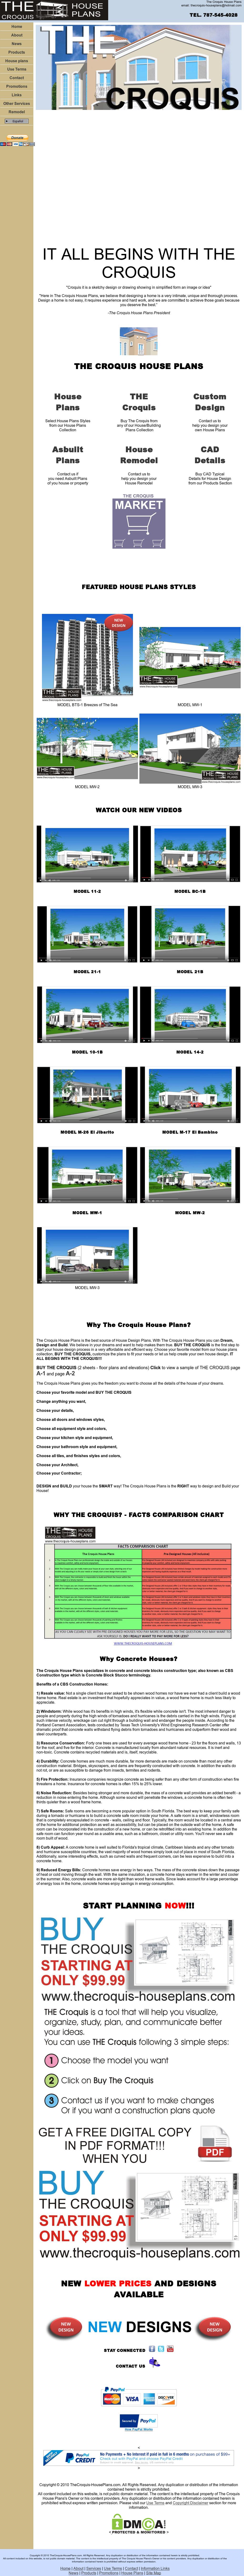 The Croquis House Plans Puerto Rico - Planos De Casas Puerto Rico ...